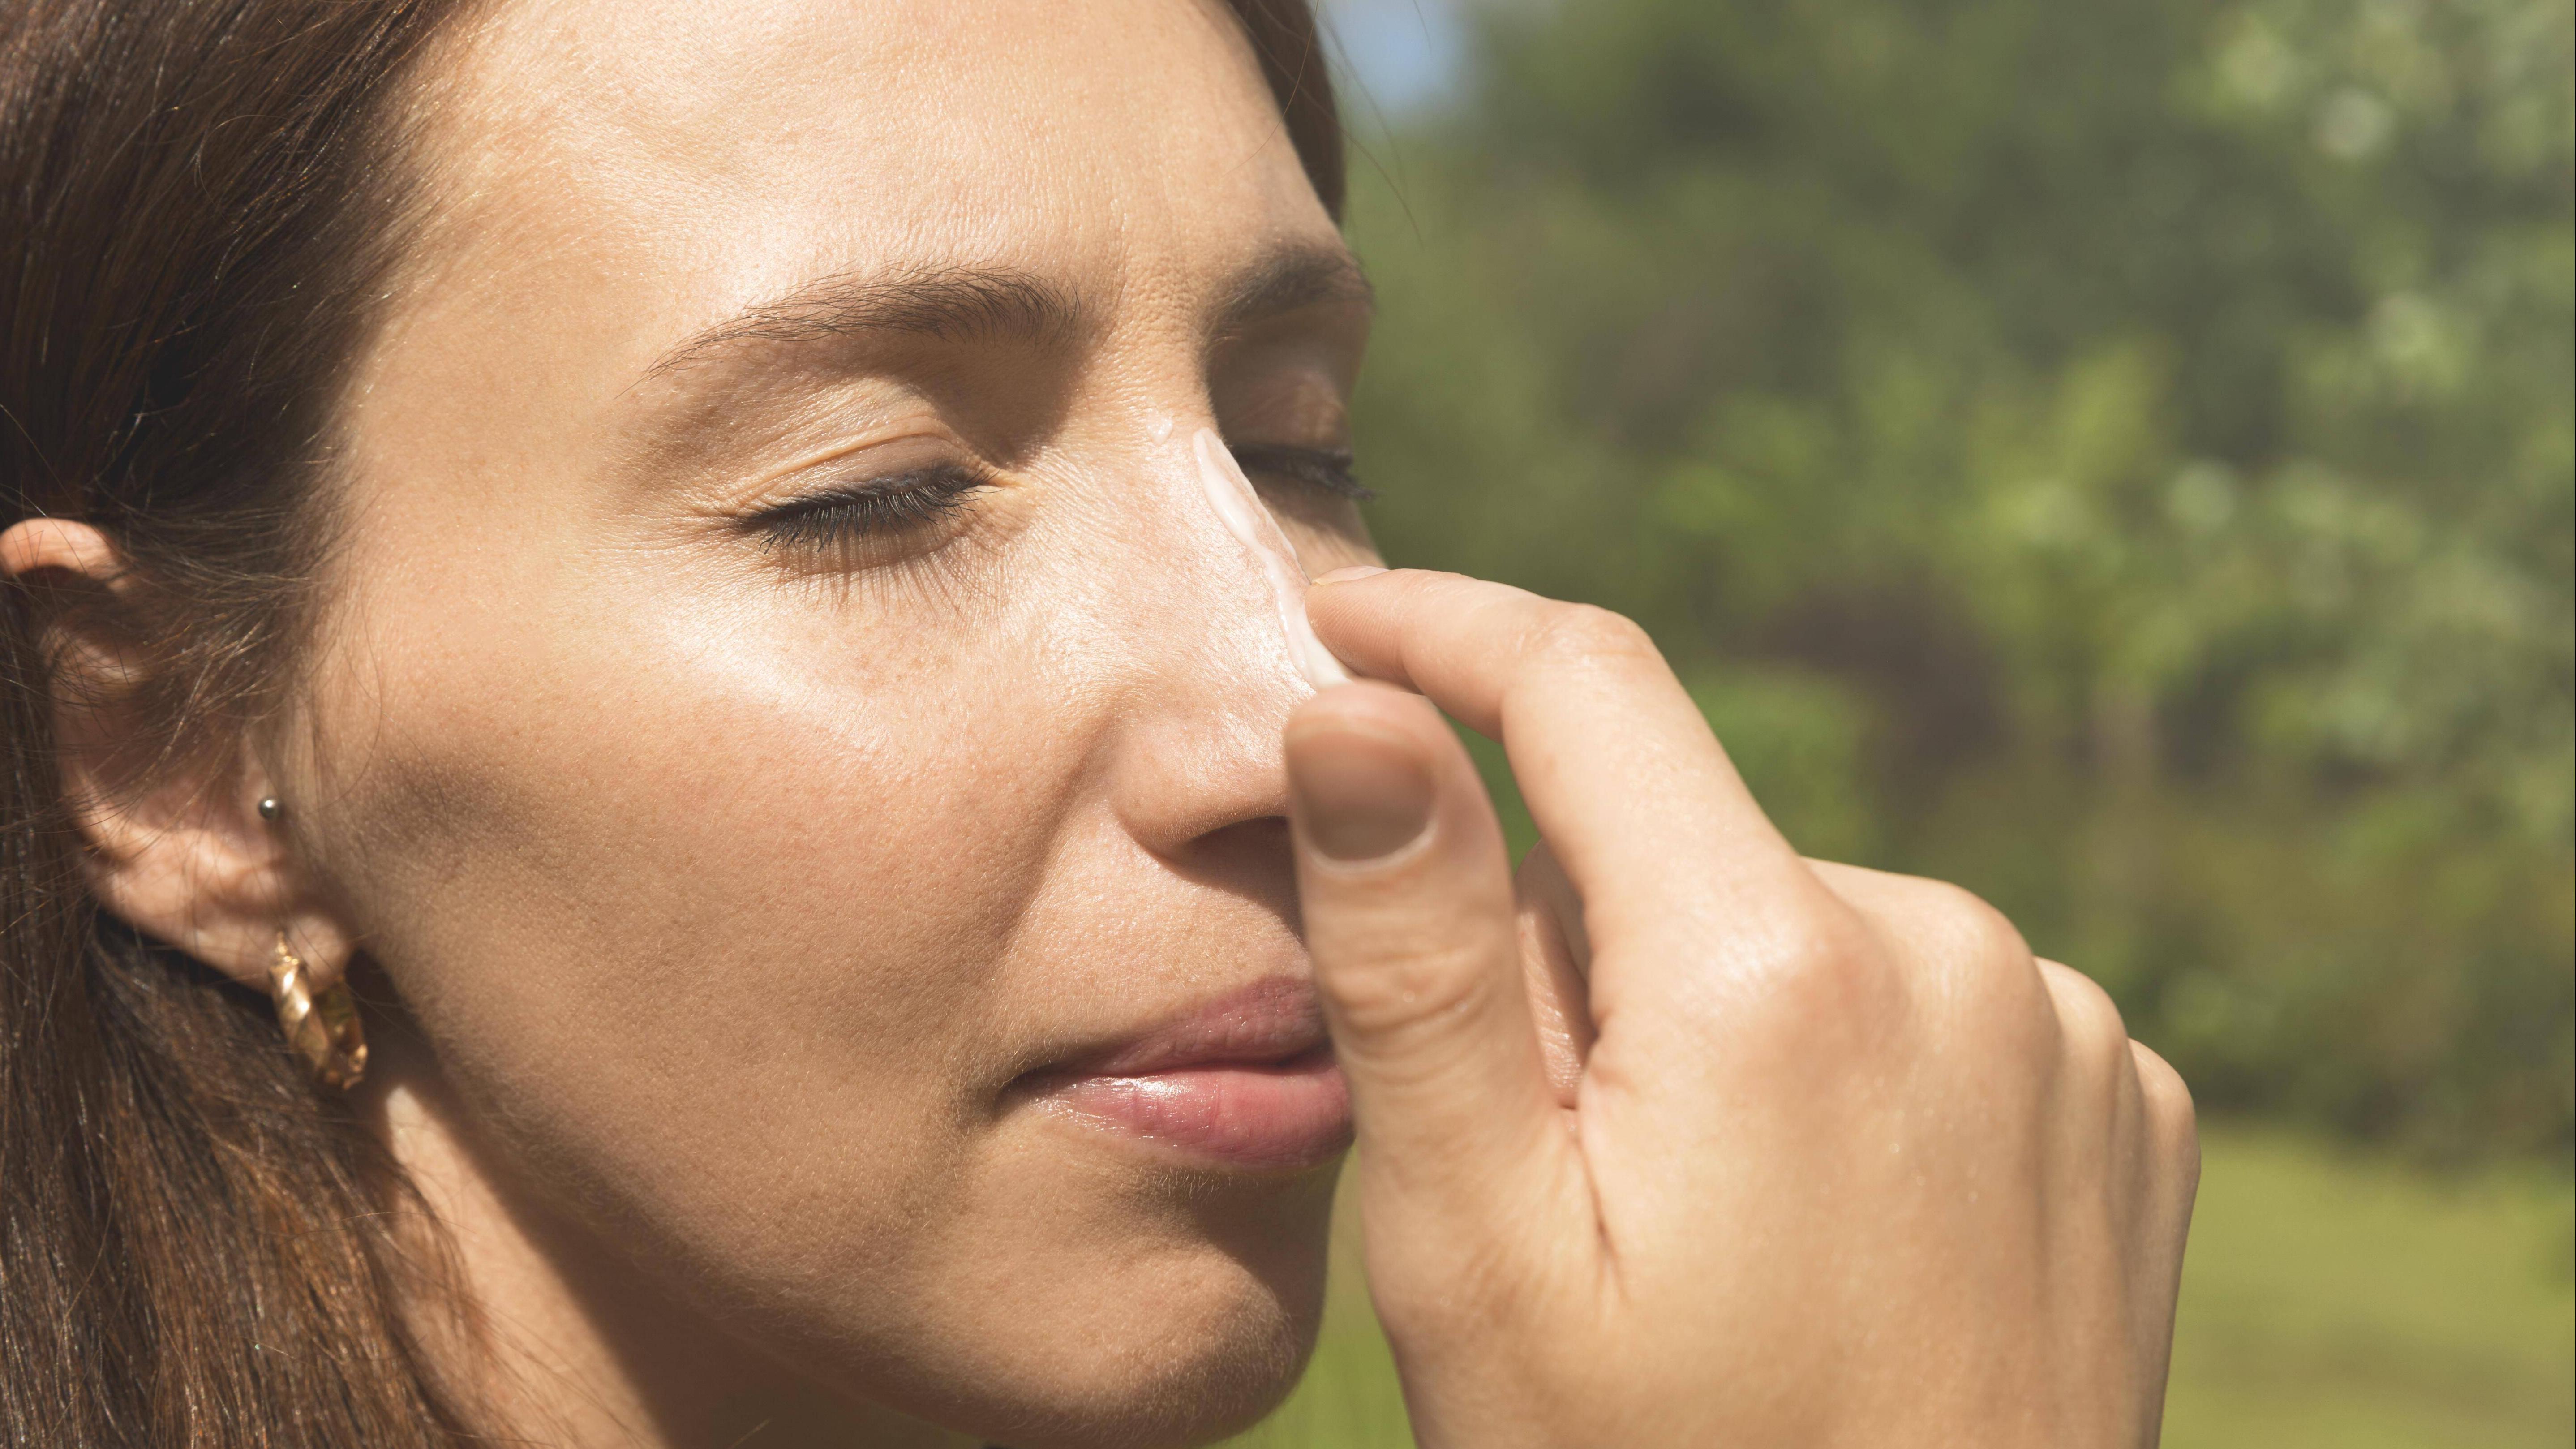 Sonnenbrand im Gesicht: Hilfreiche Tipps gegen die Rötung